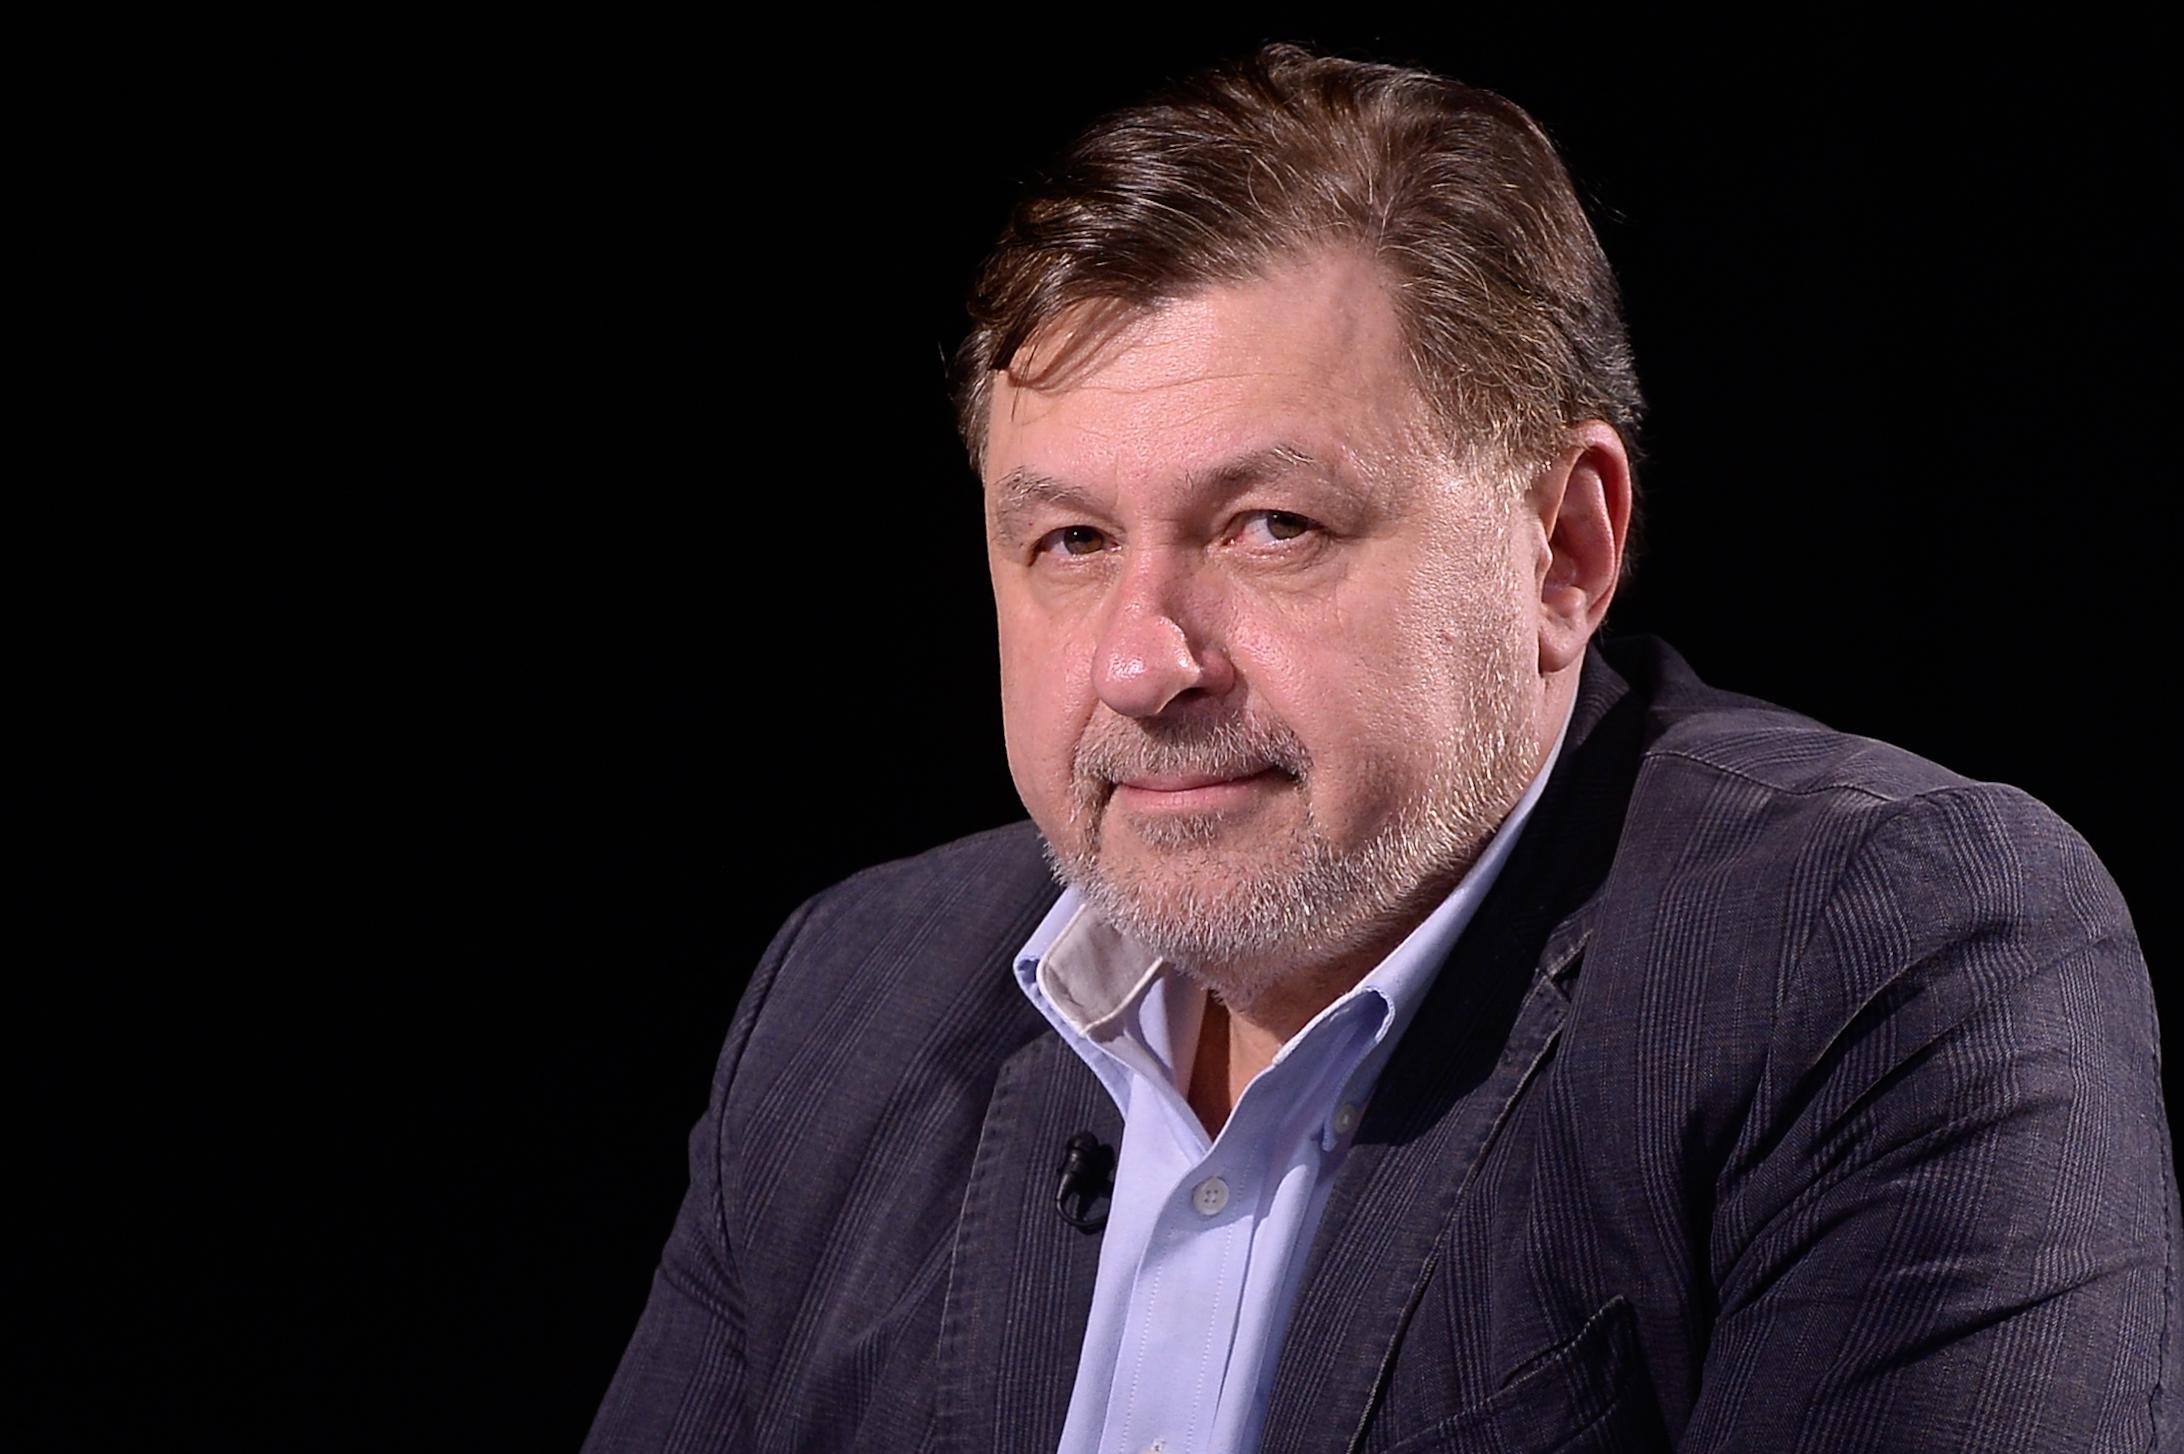 """Alexandru Rafila atenționează: """"Media ultimei săptămâni arată o dublare a numărului de cazuri."""""""